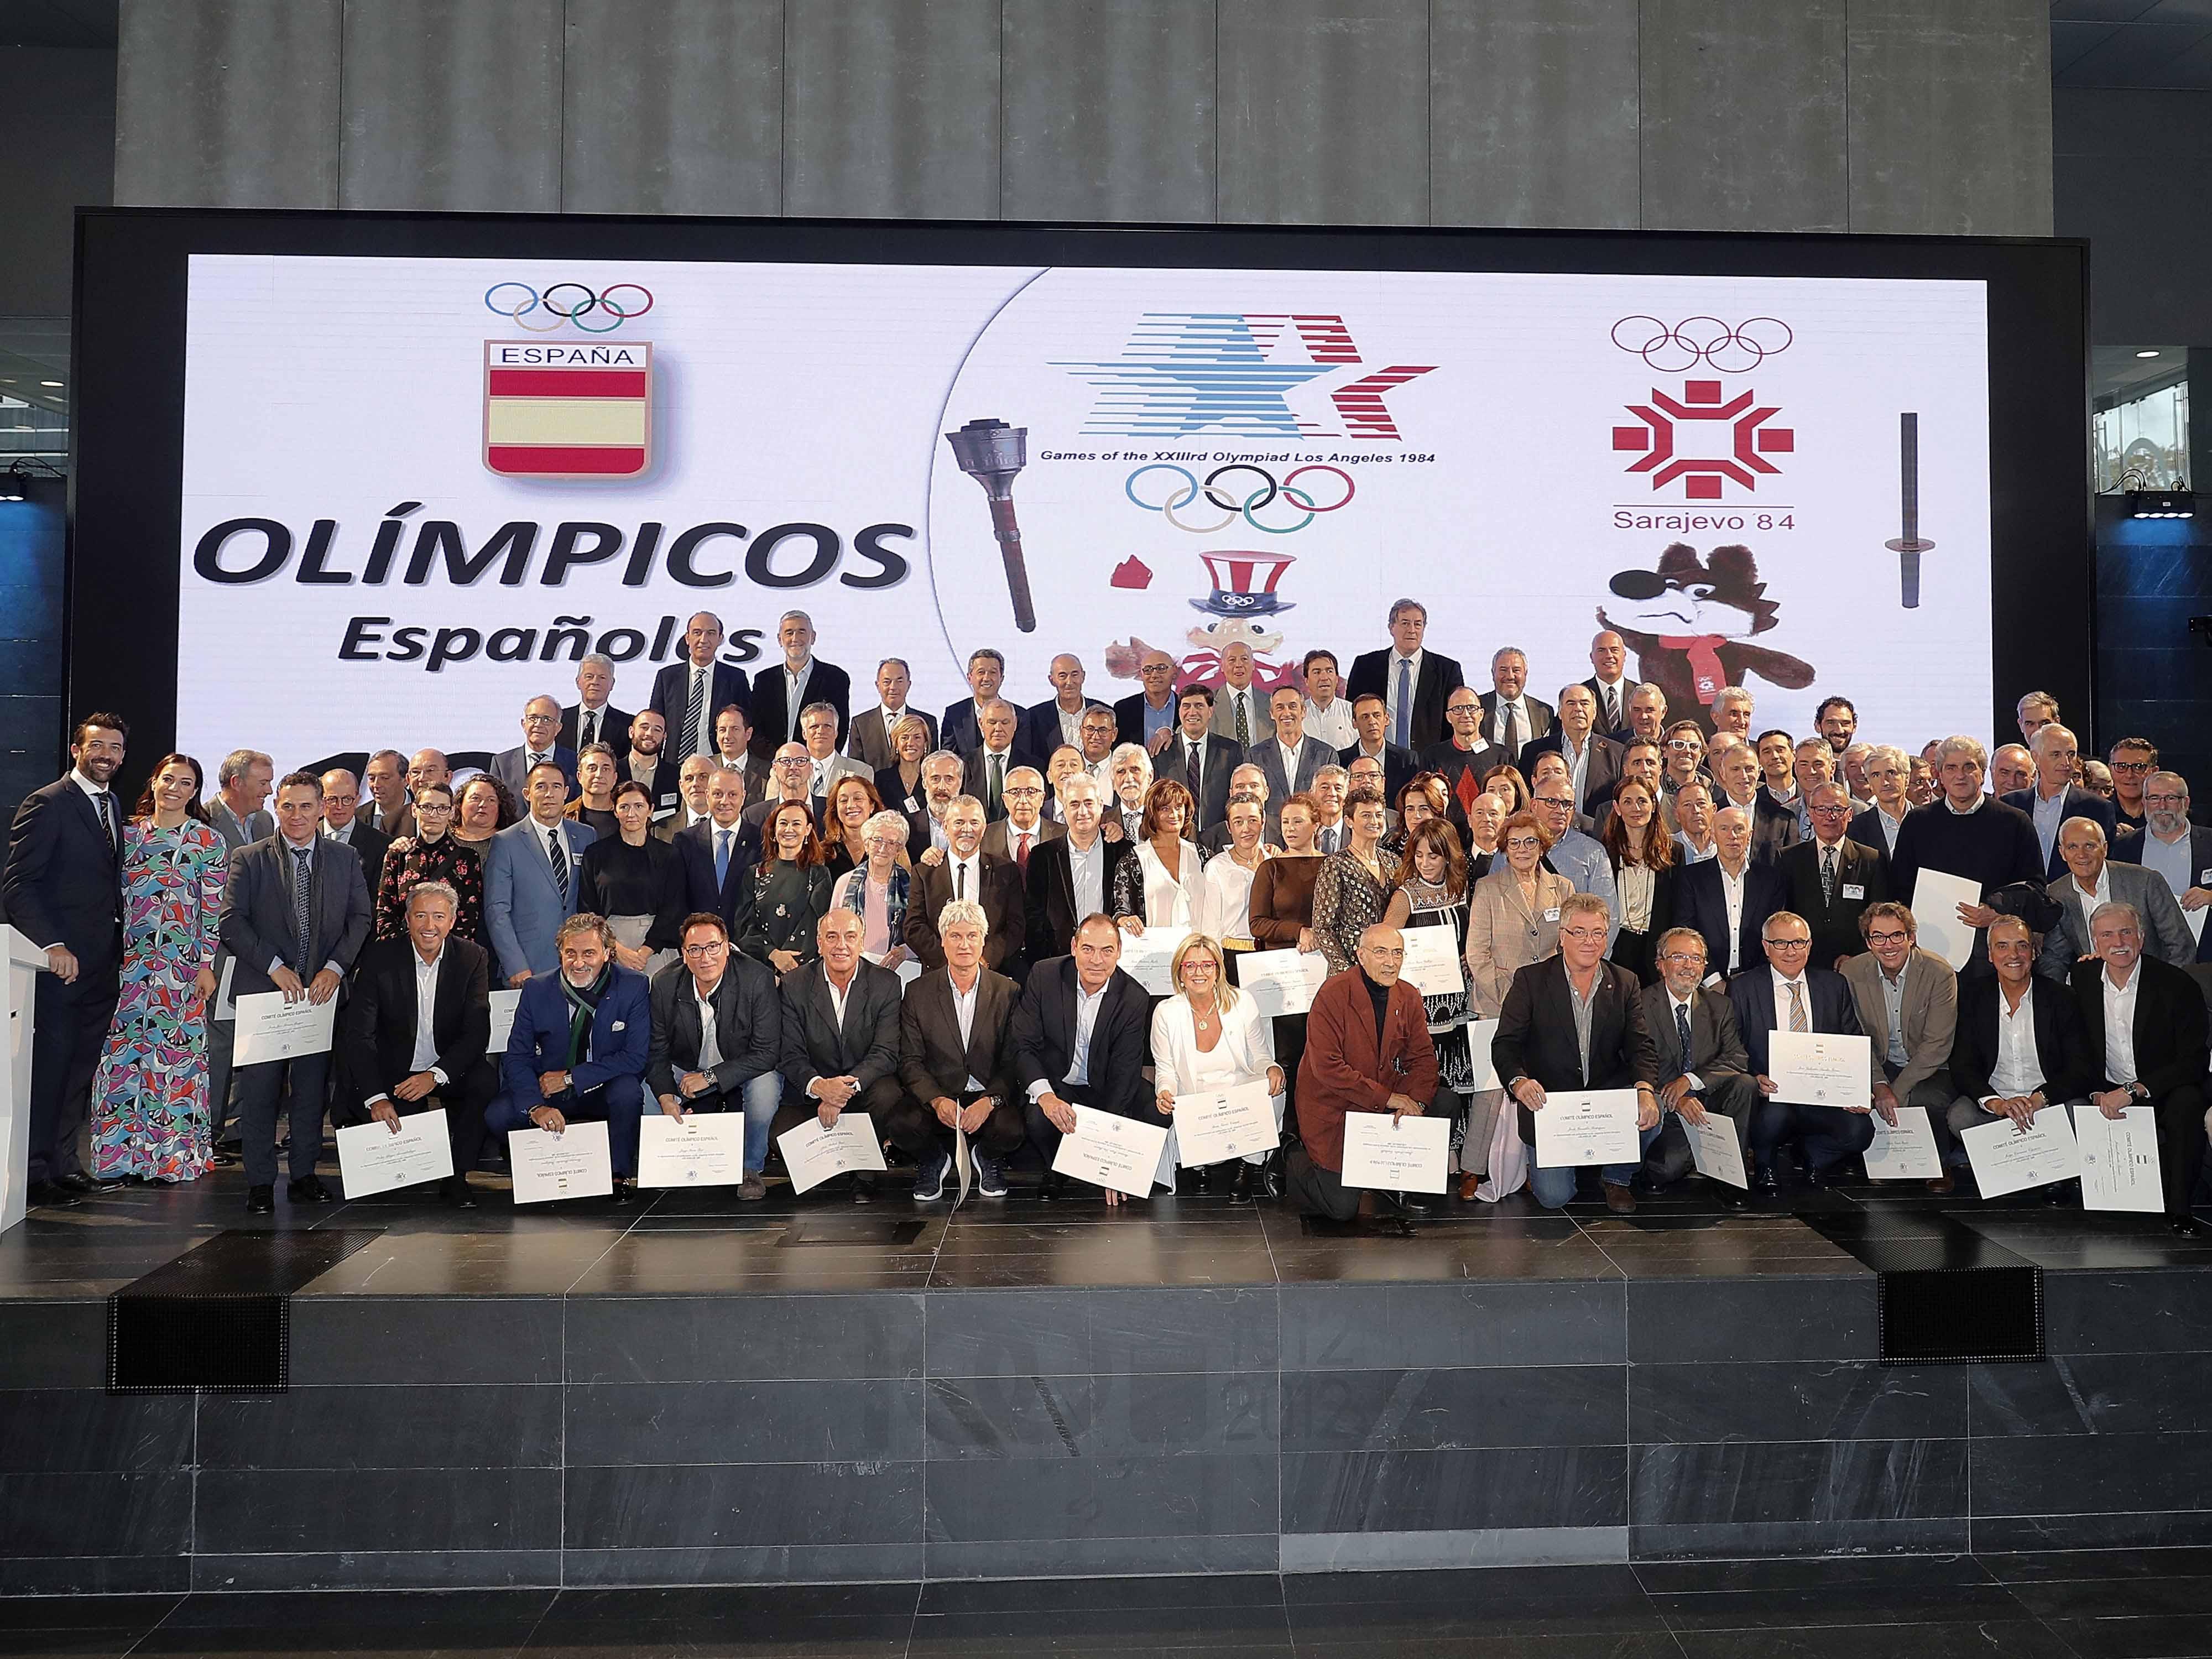 Joaquín Molpeceres COE Juegos Olímpicos de Los Angeles y Sarajevo 1984